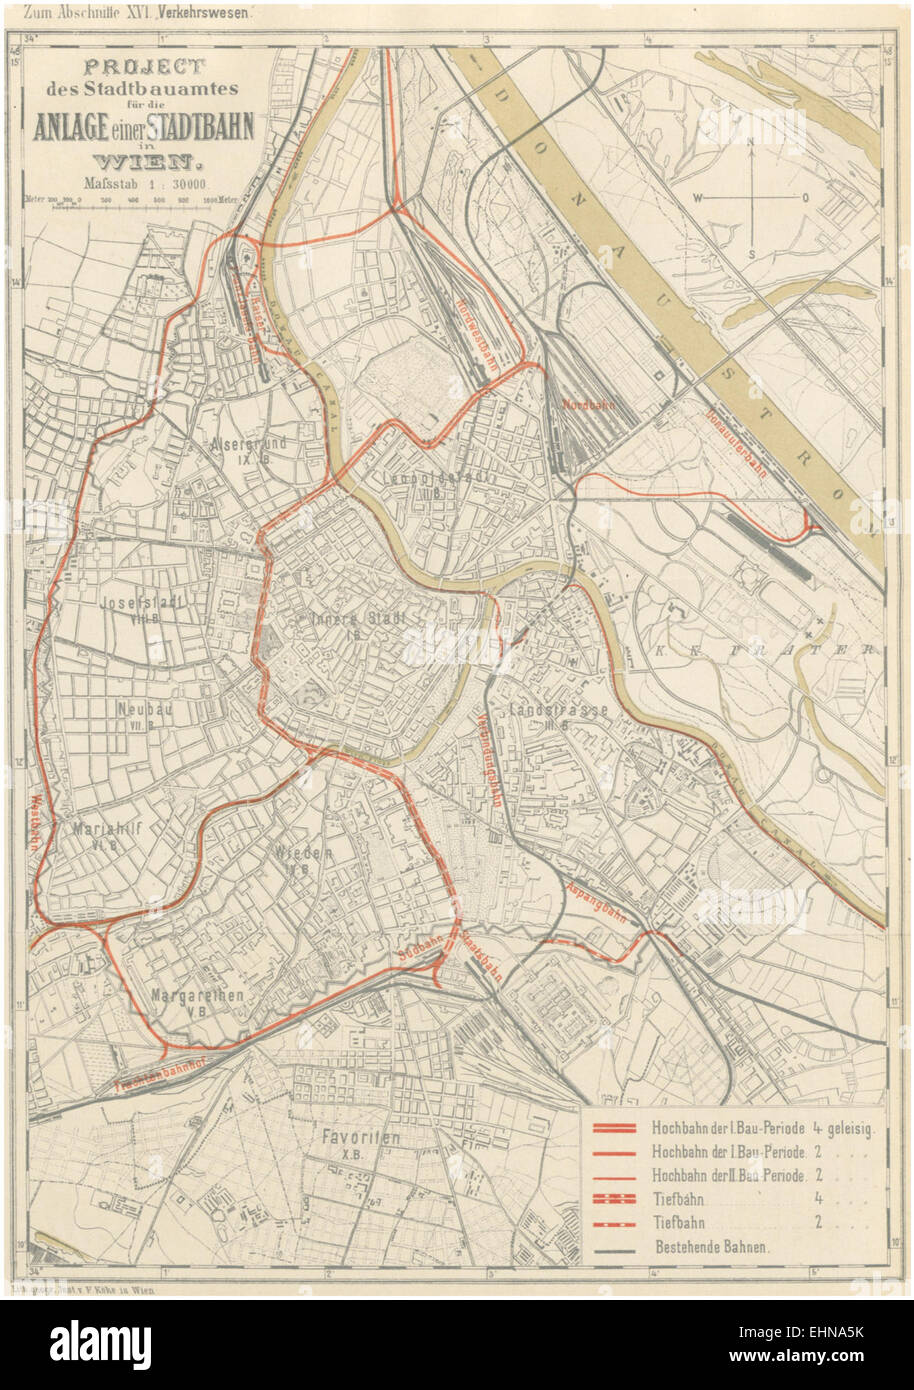 Berichte der Wiener Stadtverwaltung, 1873ff, div. Pläne und Ansichten 07 Stock Photo